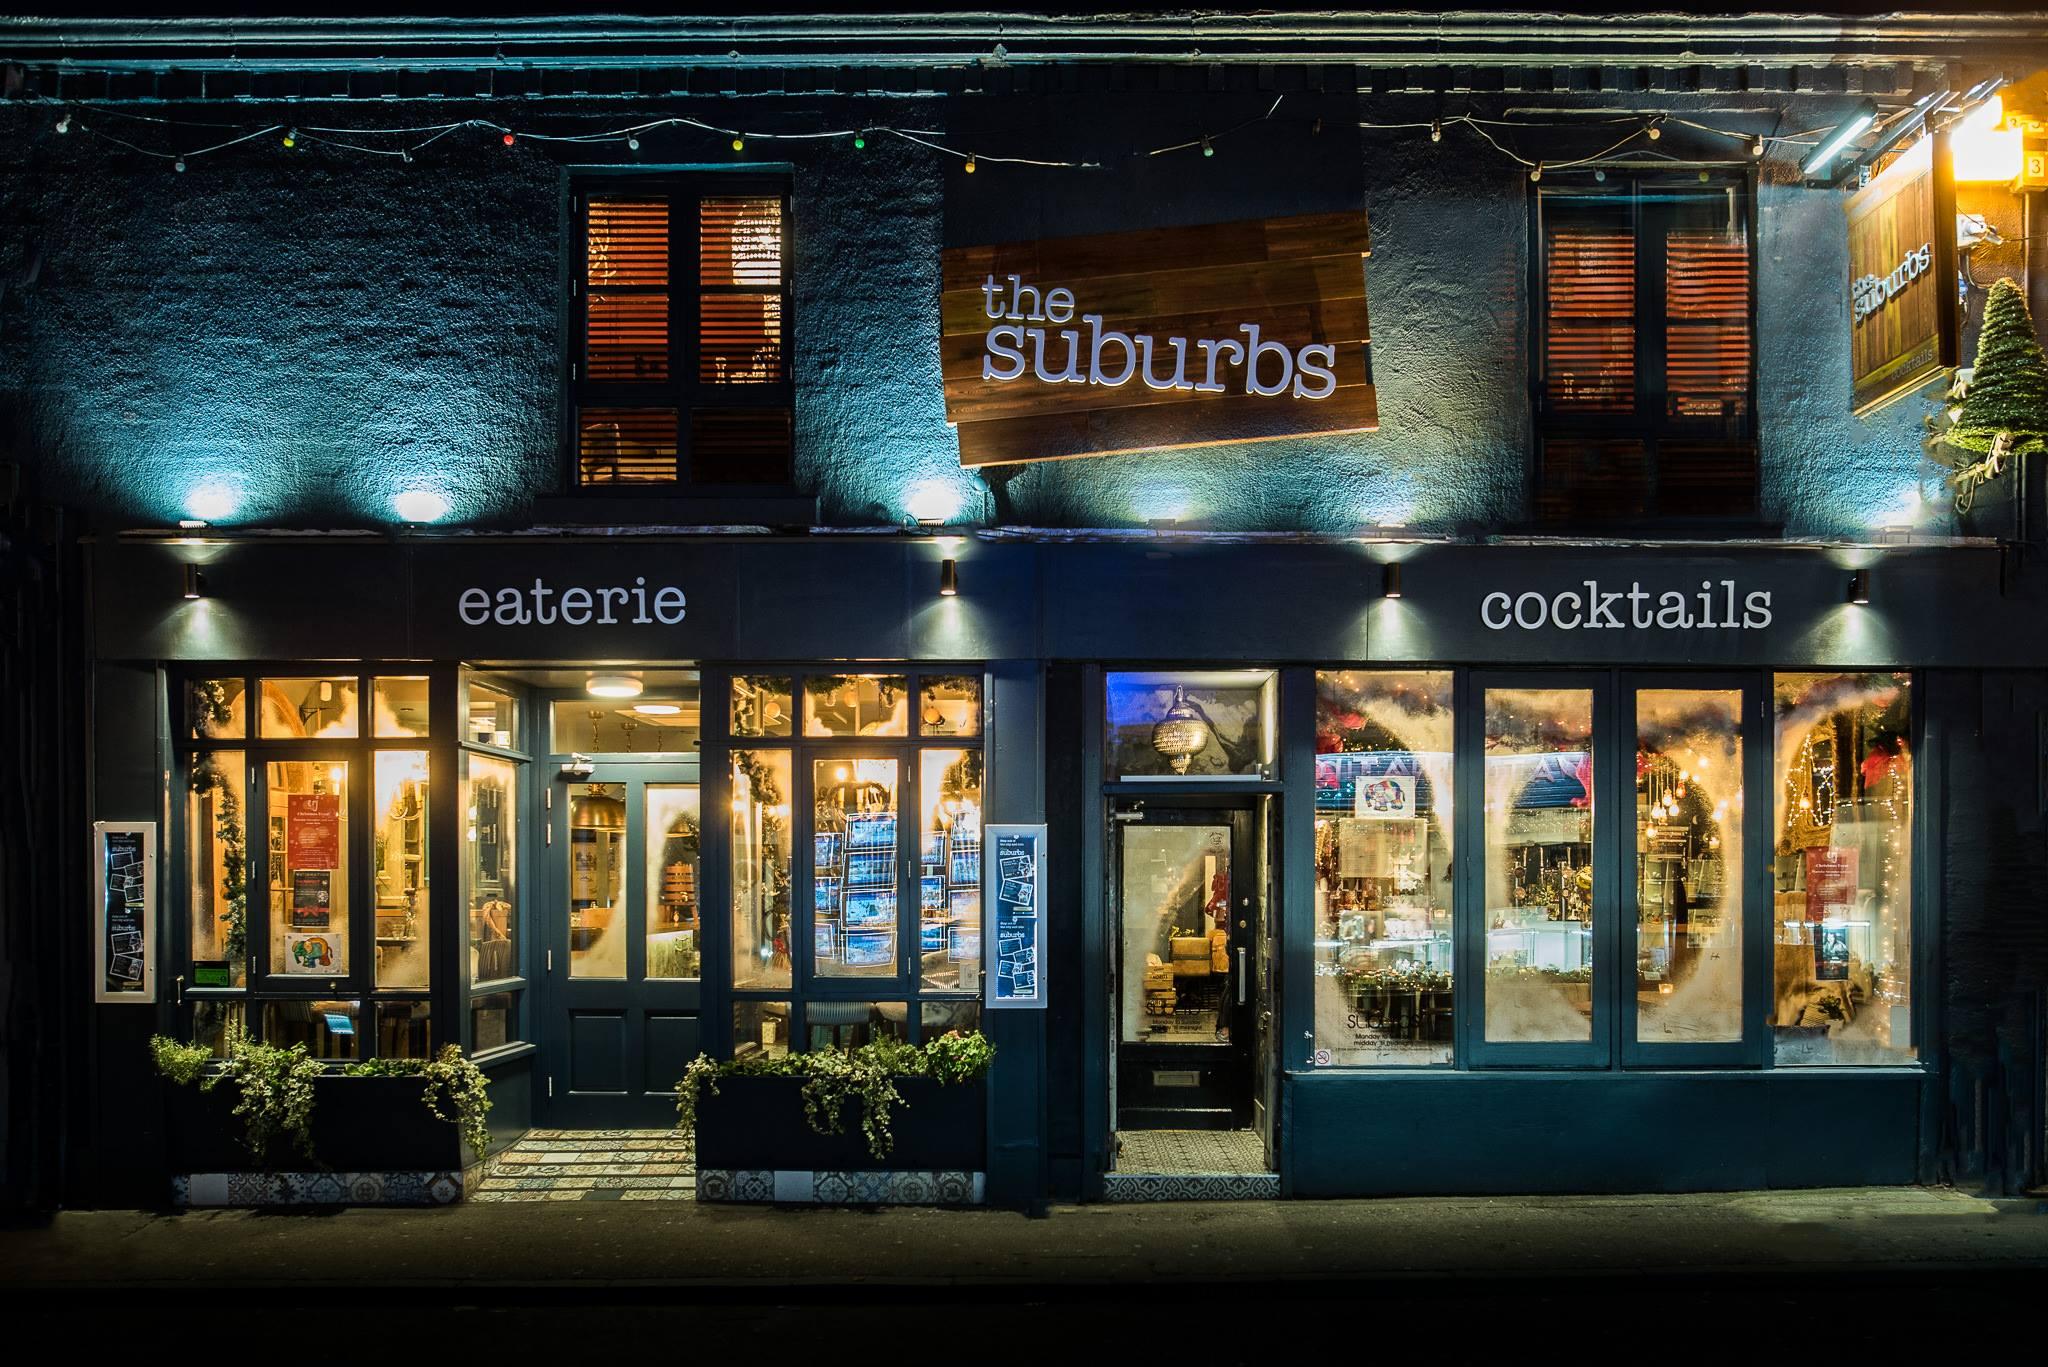 The Suburbs Bar/Restaurant